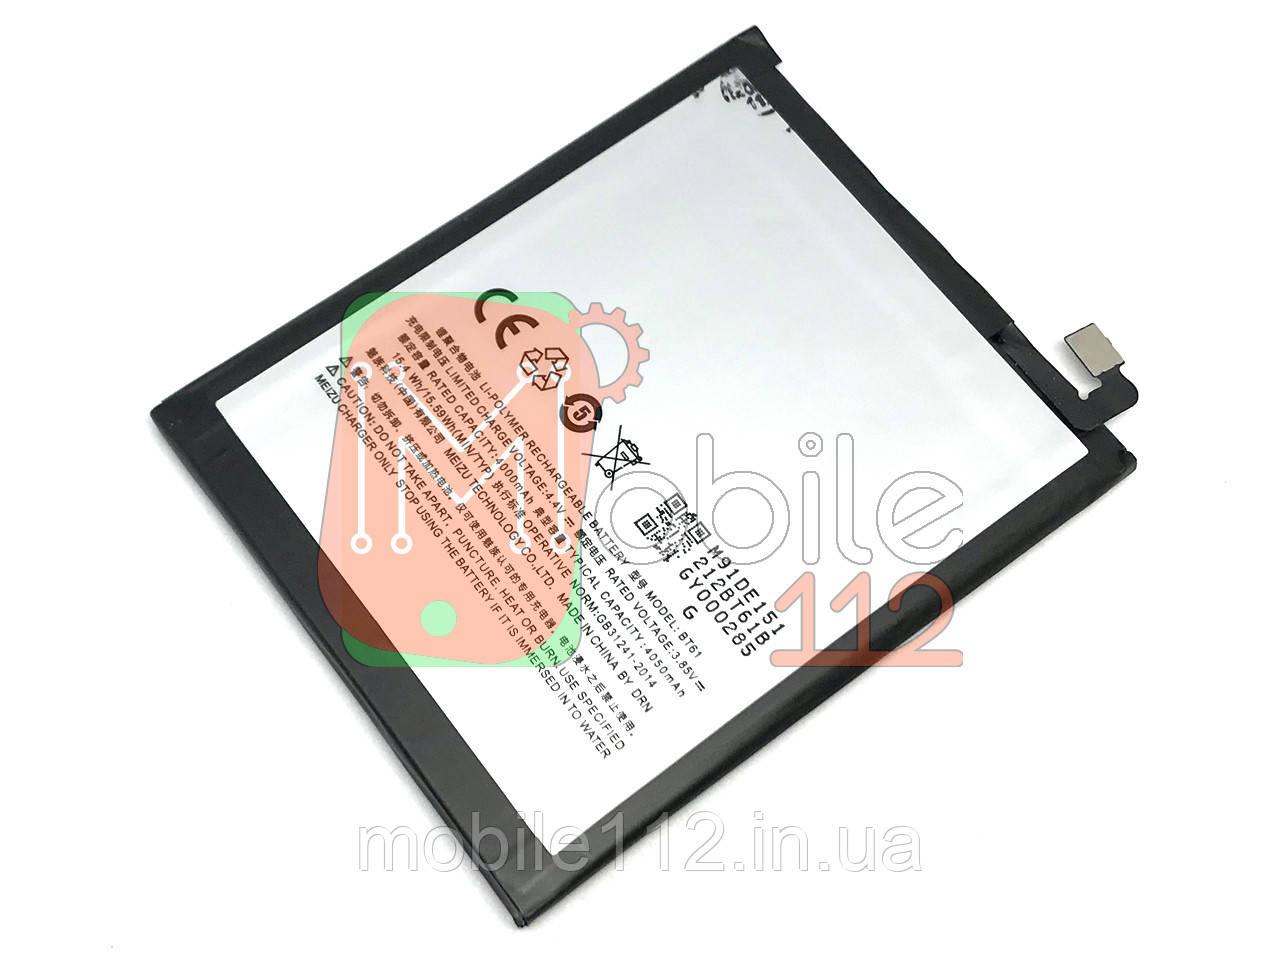 Акумулятор (АКБ батарея) Meizu BT61 кач. AAA M3 Note L681H 4000 mAh